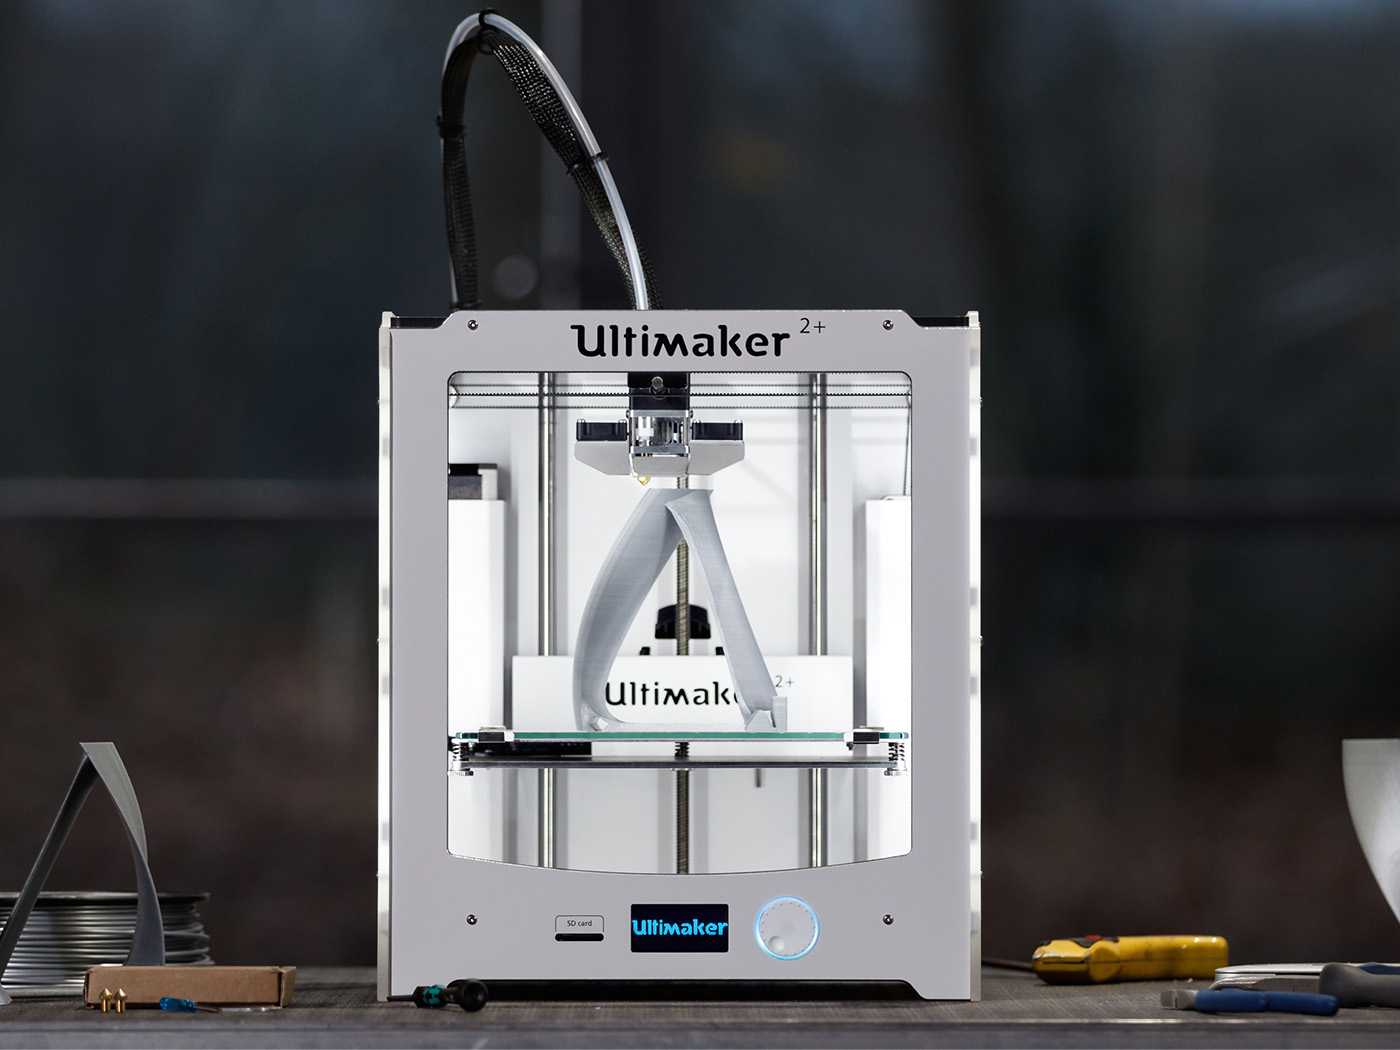 Efsane Cuma 2020 Alışveriş Çılgınlığında 3D Yazıcı Sahibi Olma Fırsatı